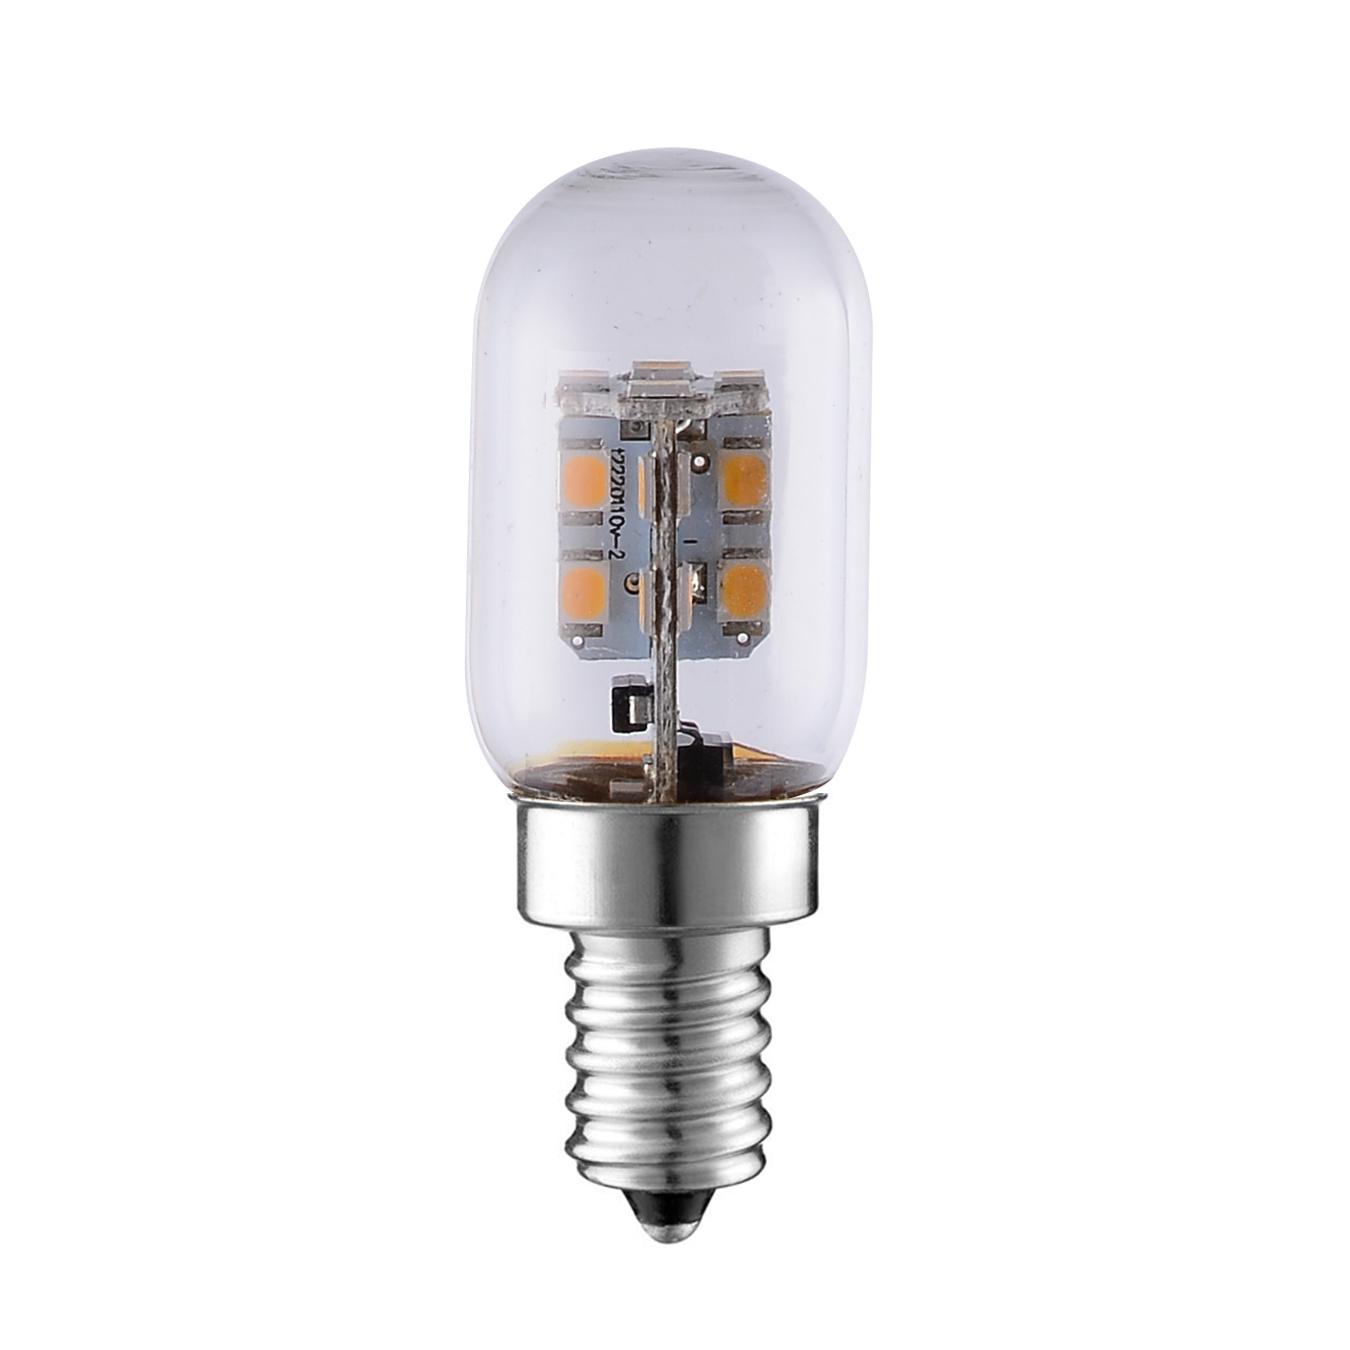 LED Frigidaire refrigerator light bulb